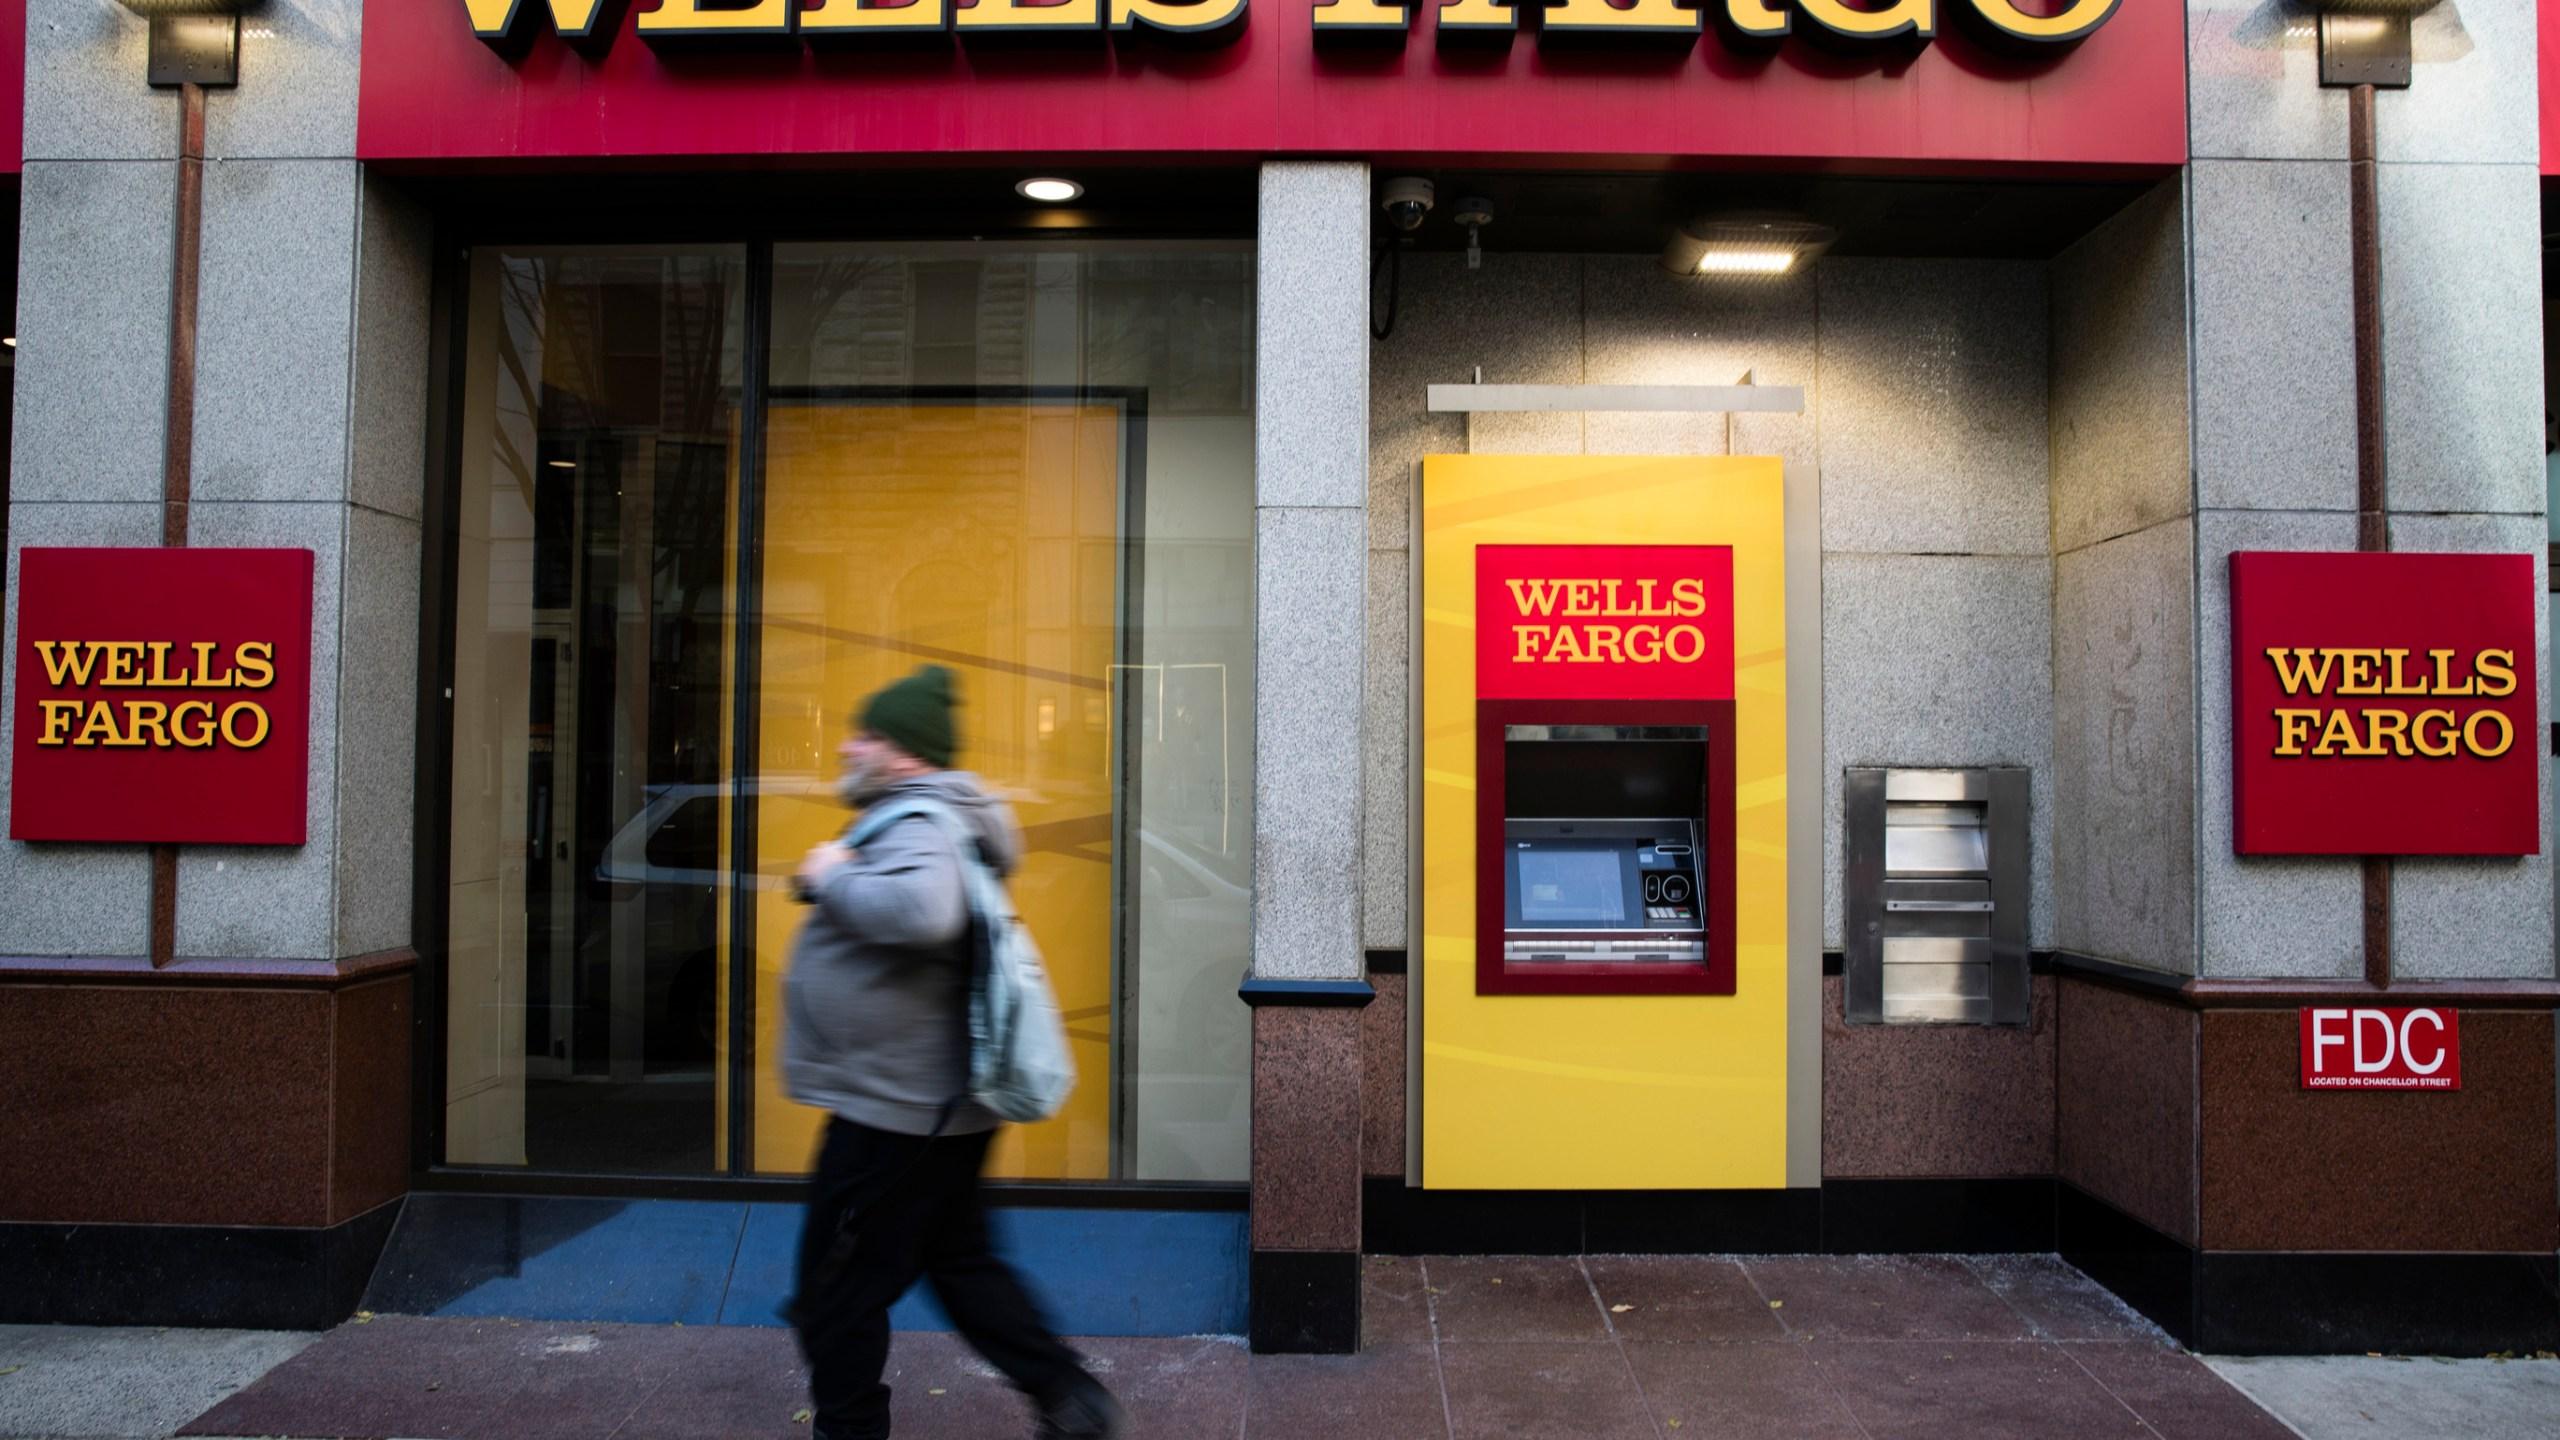 Wells_Fargo_Tech_Issues_13161-159532.jpg07506164